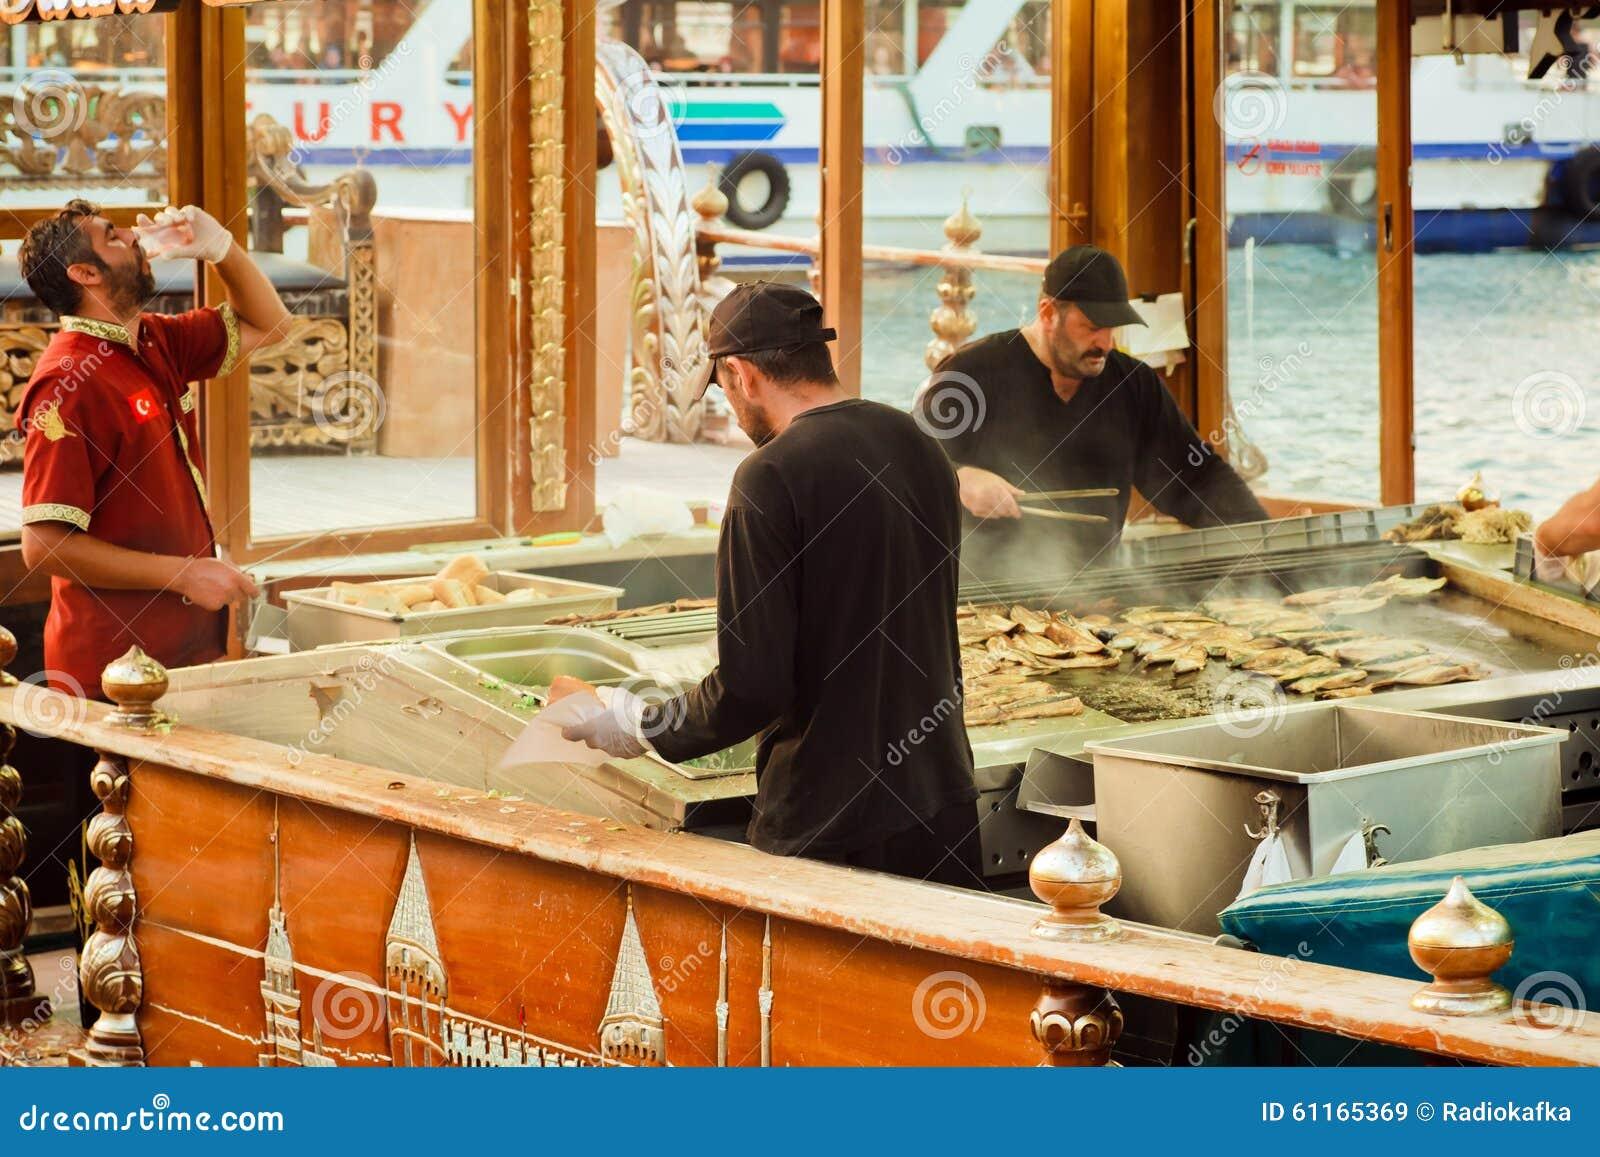 Trabajadores de la comida fría de los alimentos de preparación rápida en los barcos